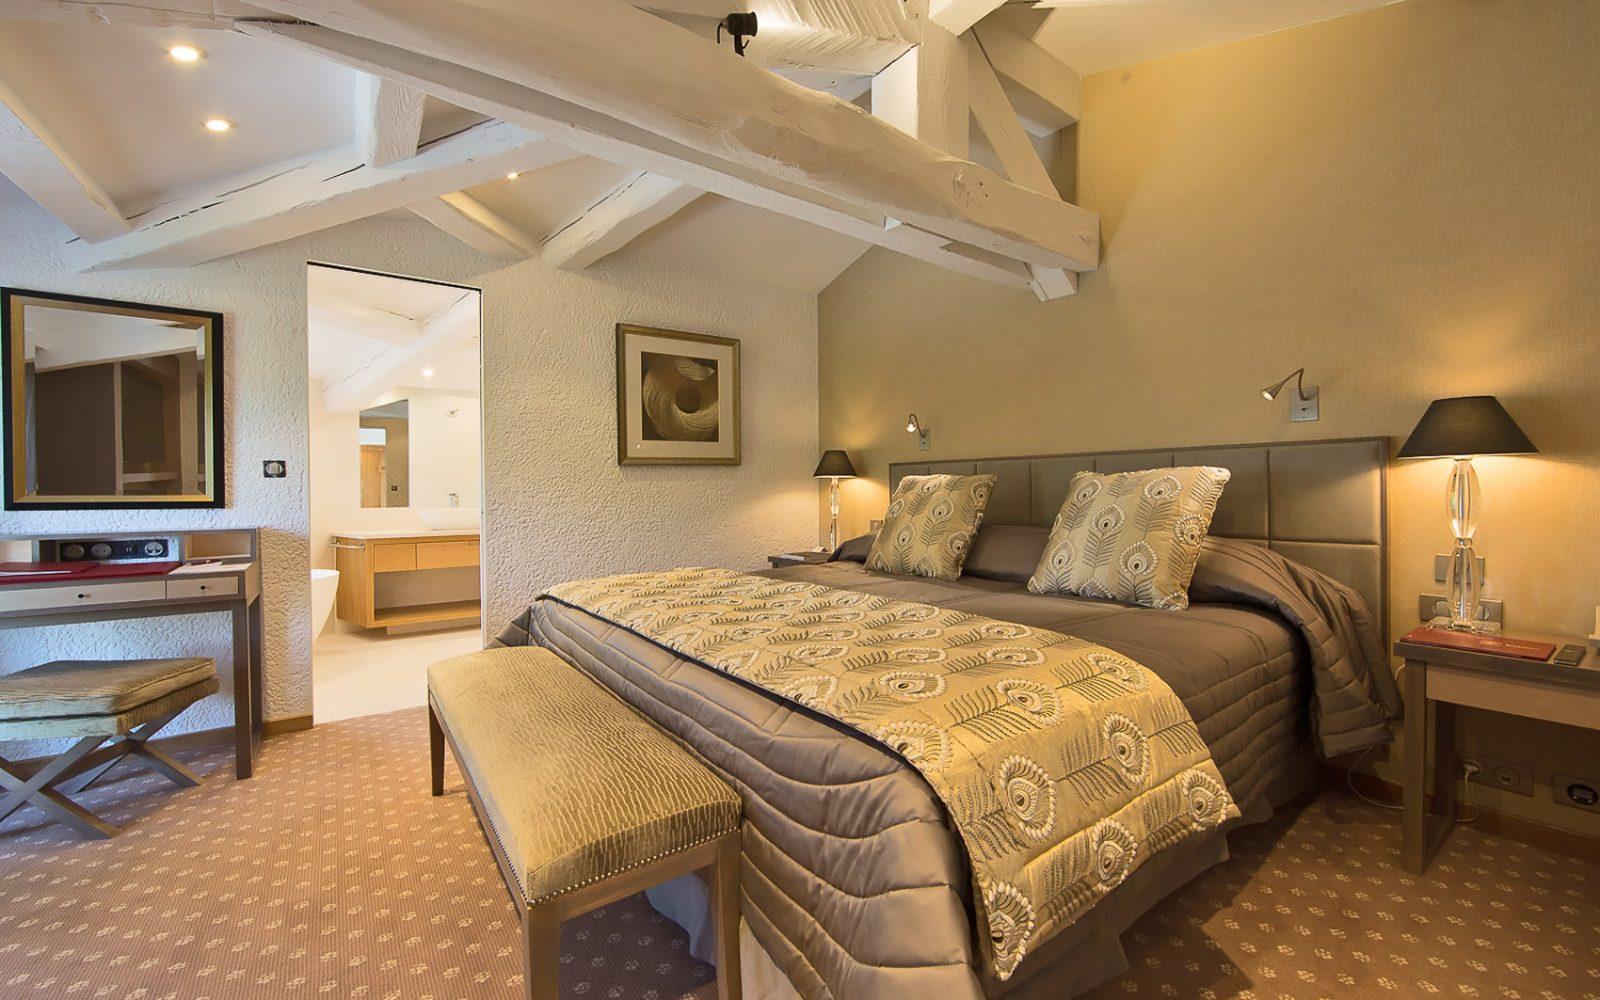 hotel-byblos-suite-du-roy-saint-tropez-5